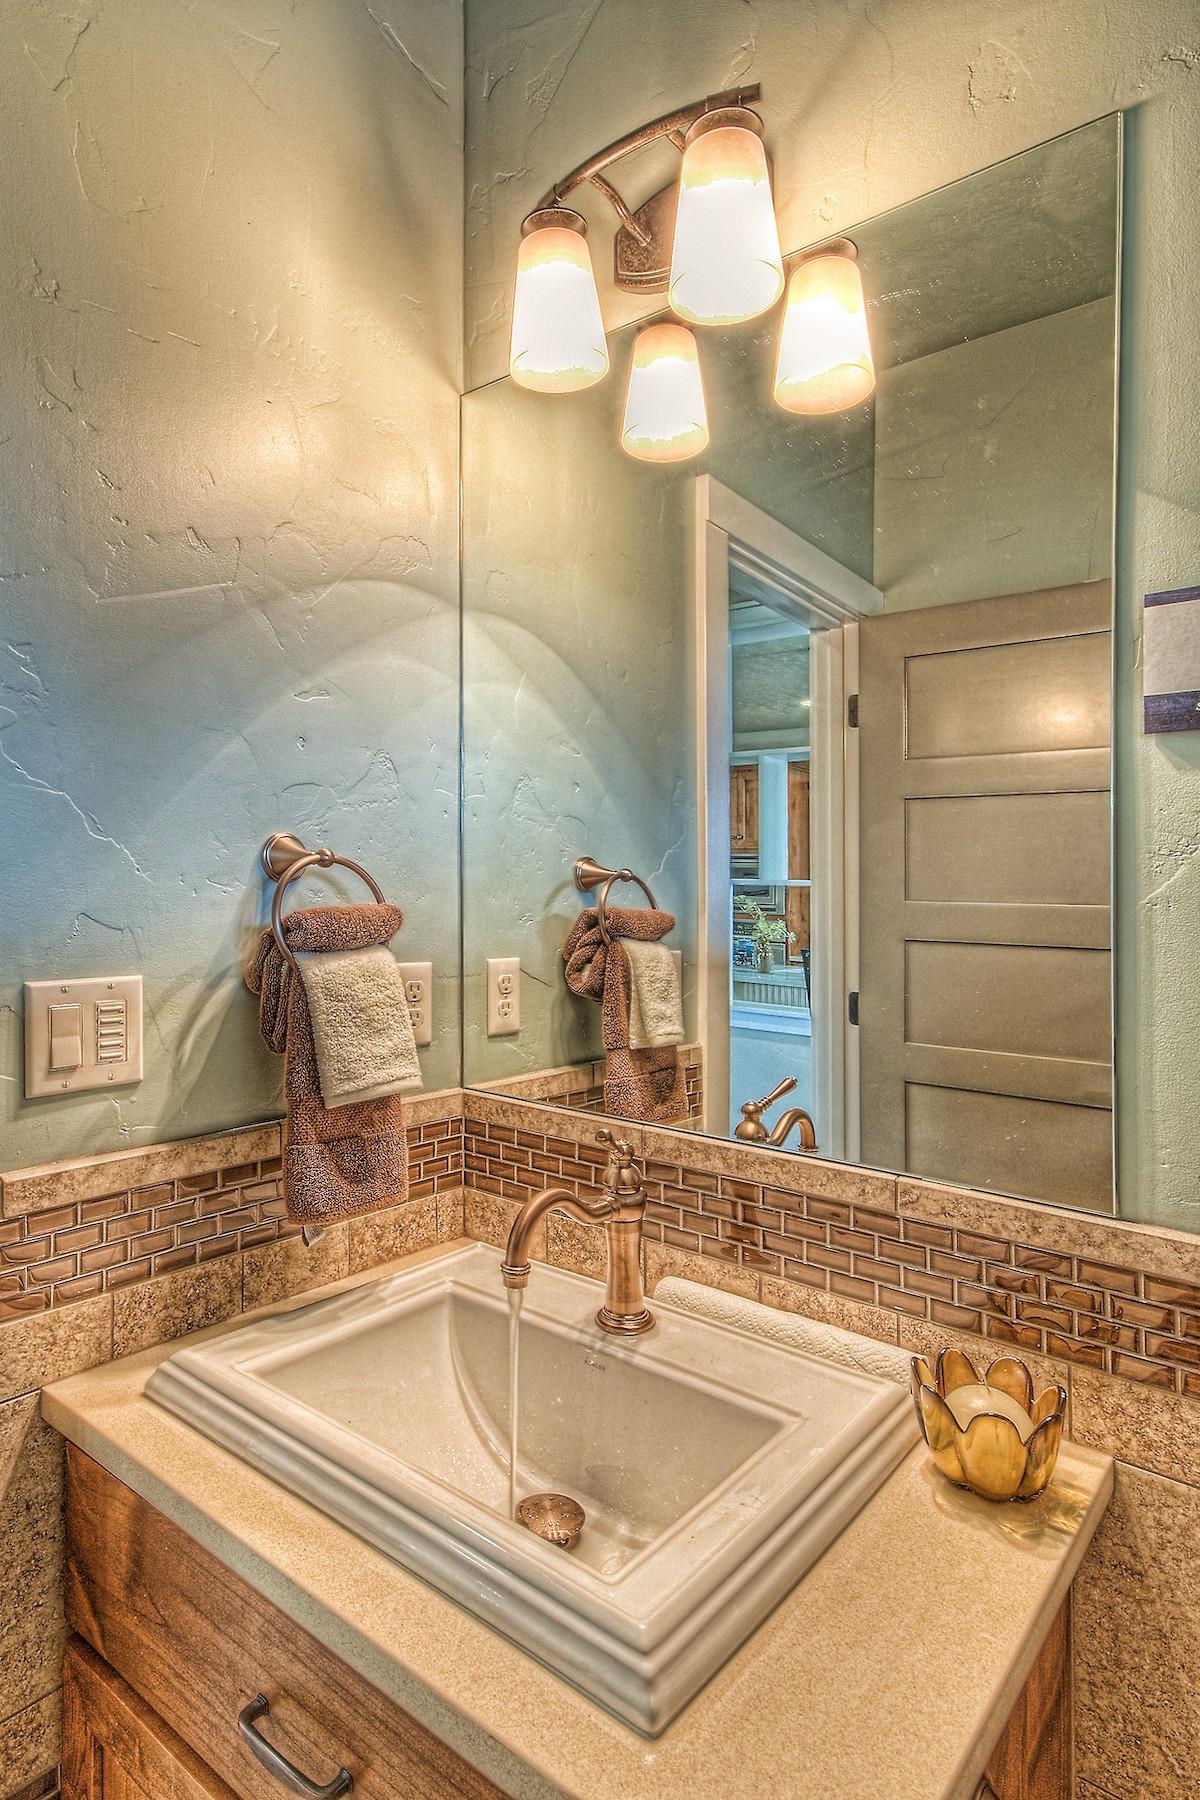 Flynner-Homes-StJude-Residential-Remodel-00027.jpg